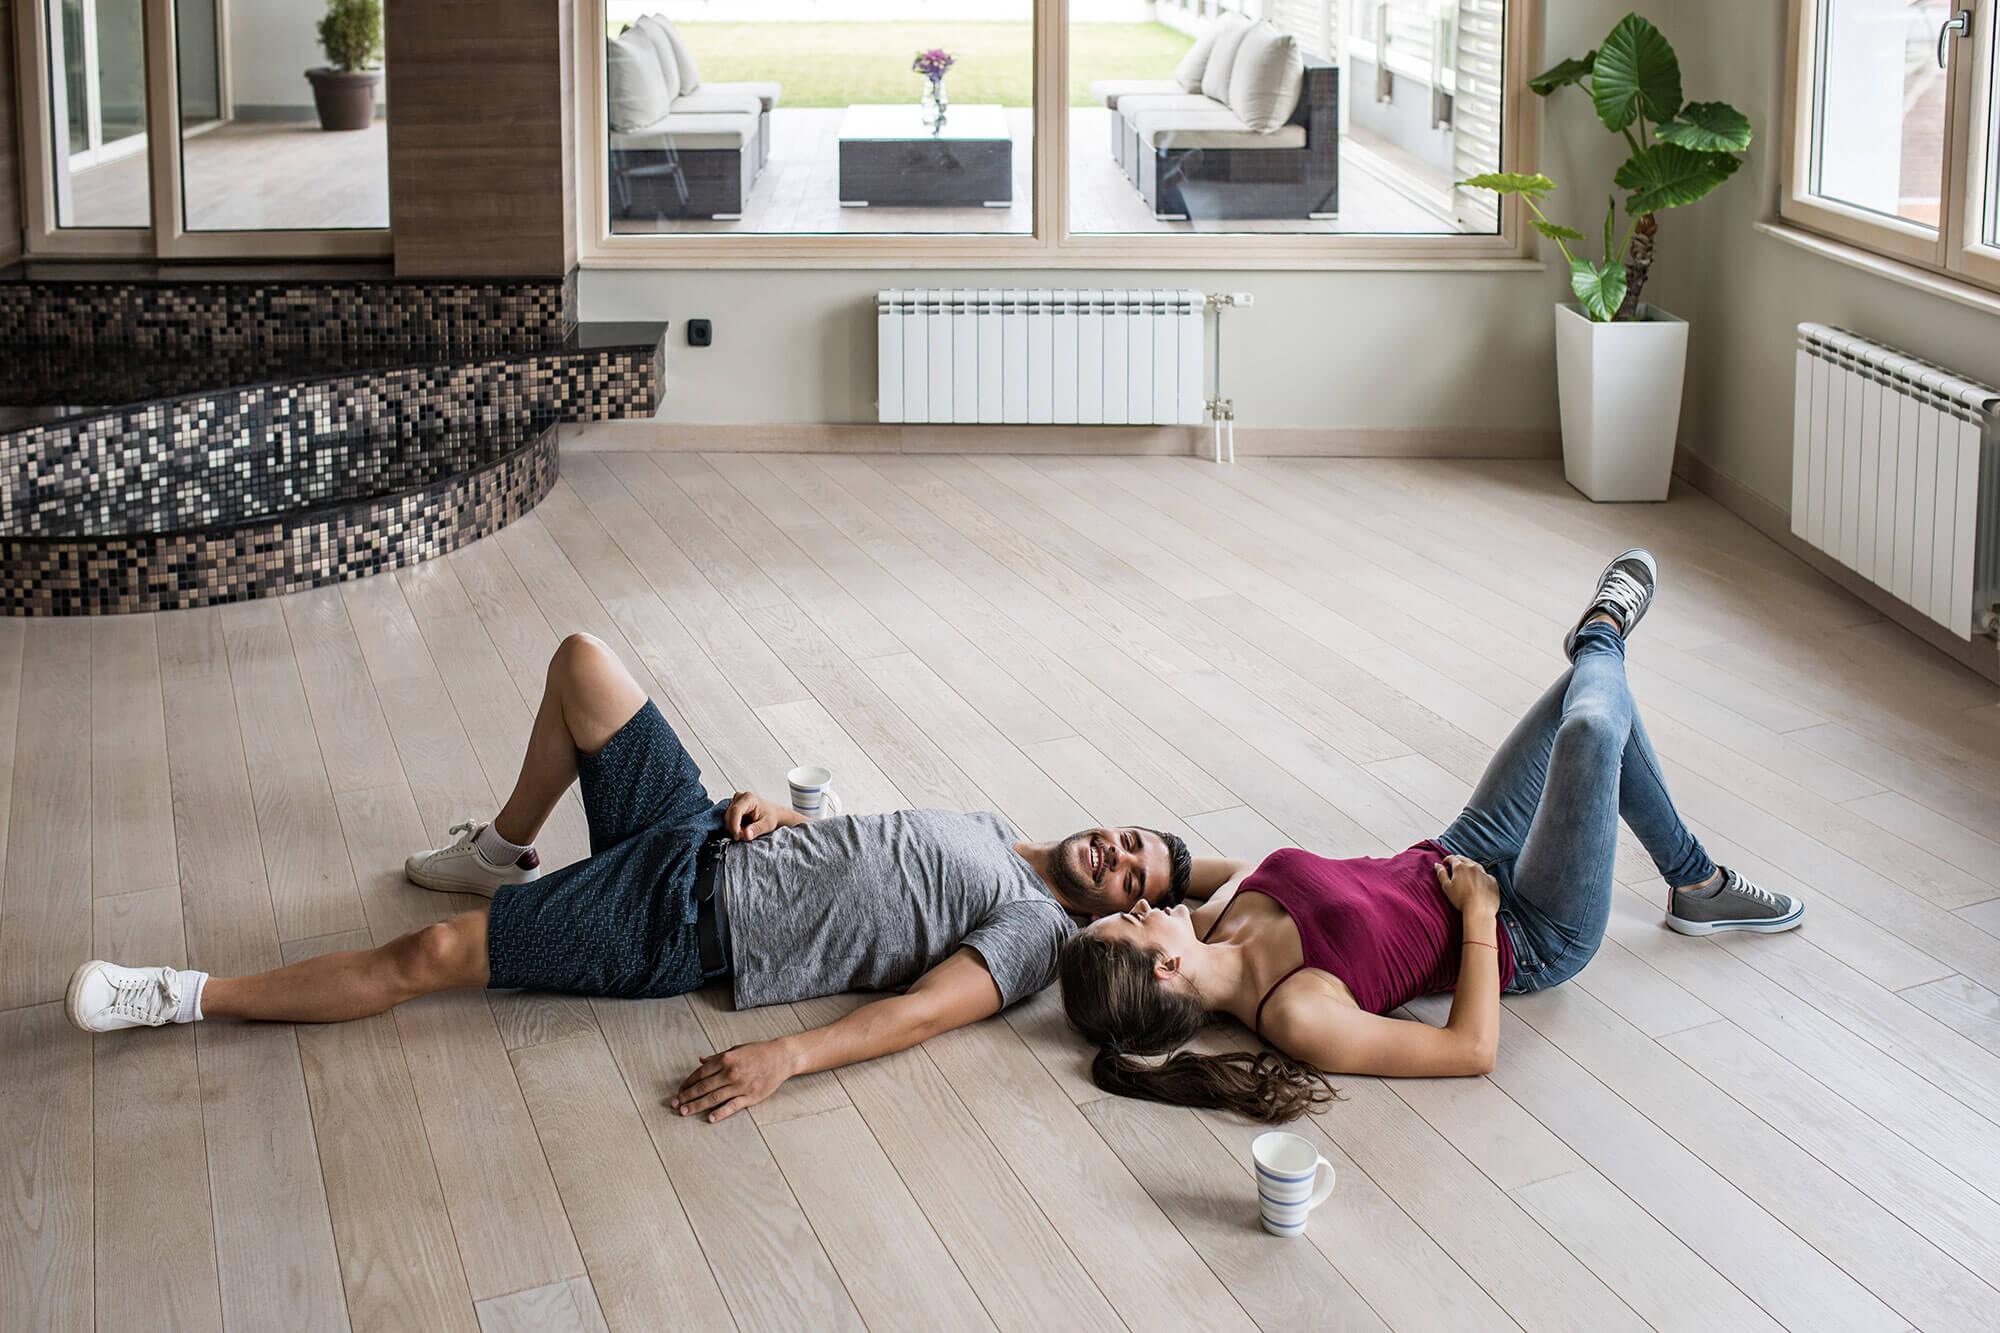 Pärchen liegend auf einem Holzboden